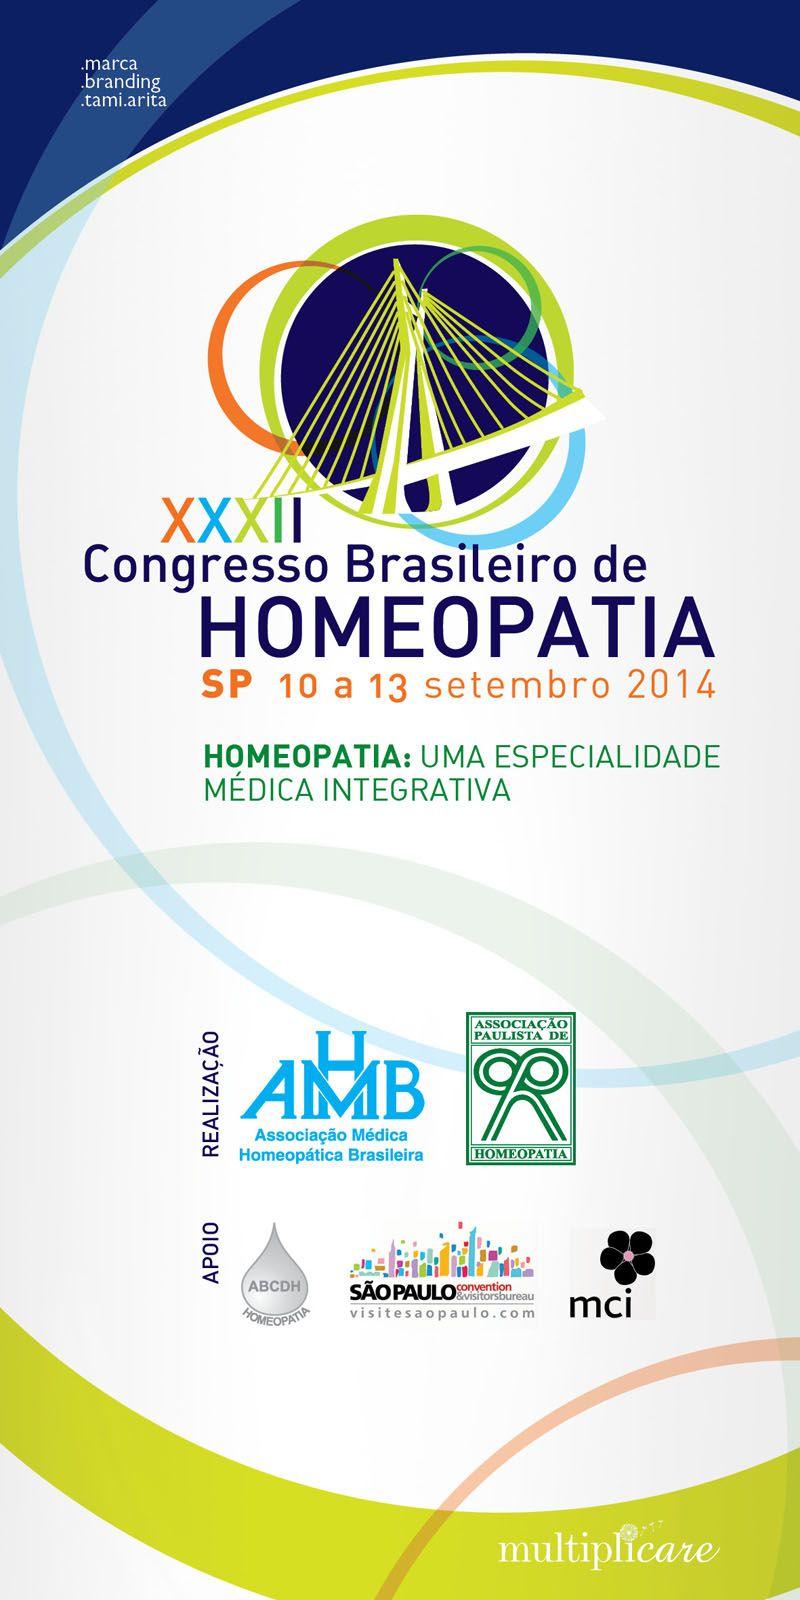 Esse ano tive a honra de criar novamente o logo para o Congresso Brasileiro de Homeopatia que será realizado pela APH (Associação Paulista de Homeopatia) e AMHB (Associação Médica Homeopática Brasileira). #marca #branding #homeopatia #tamiarita #multiplicare